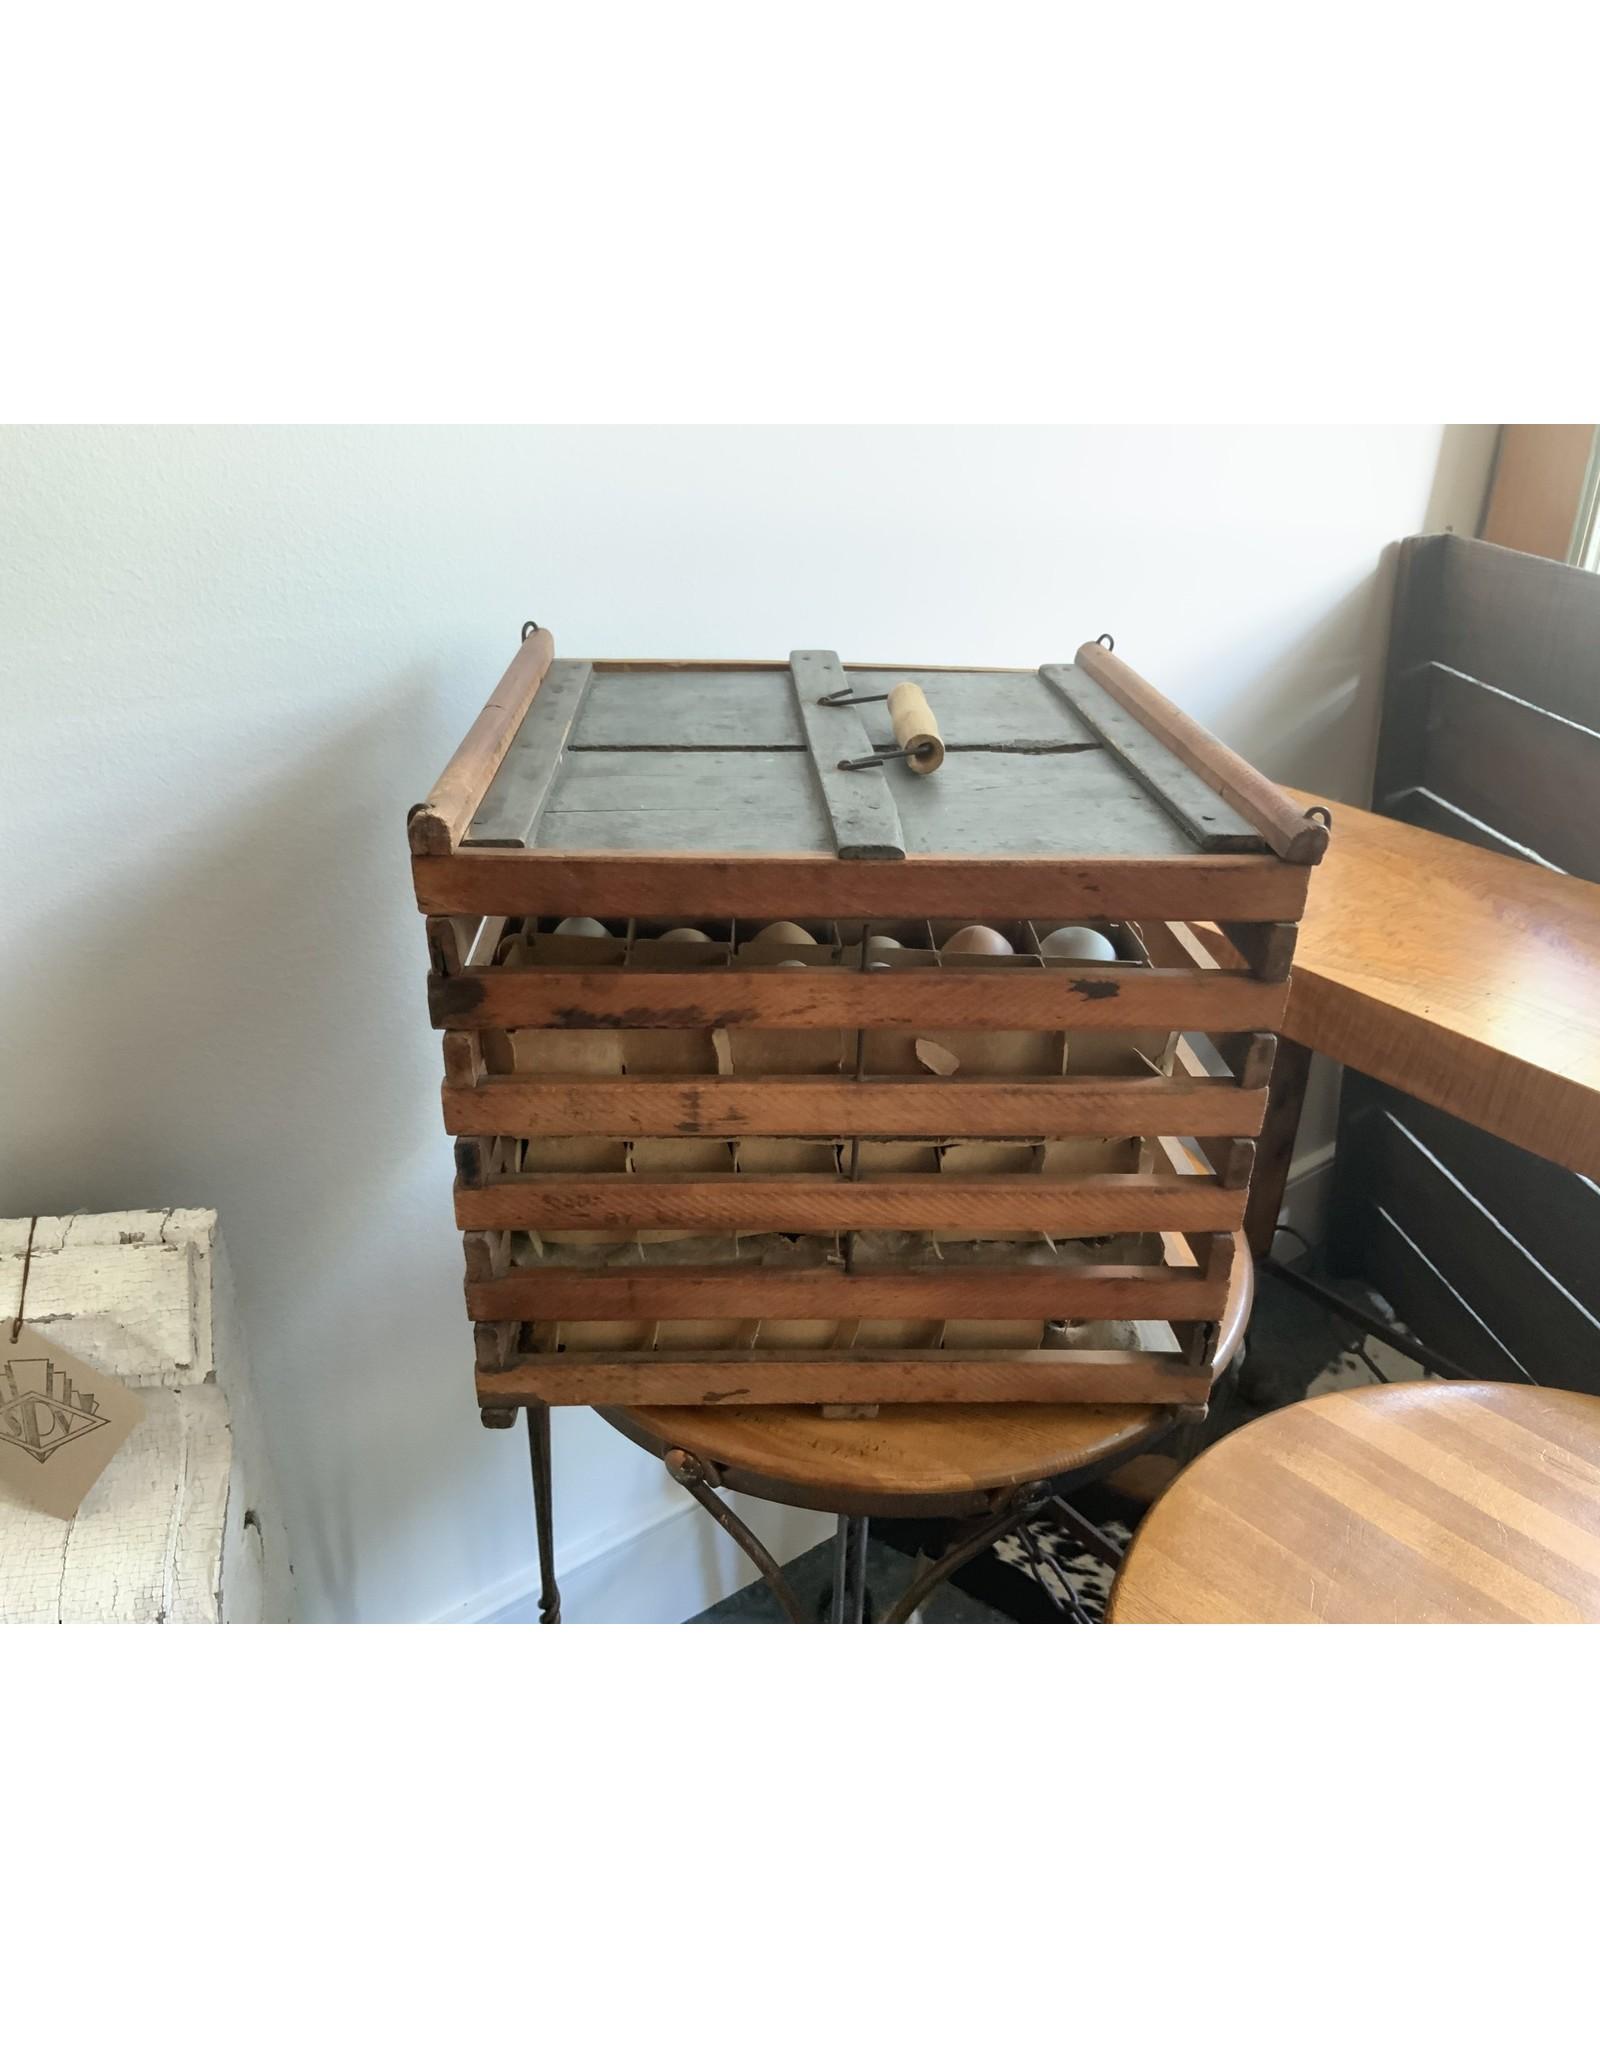 SPV Vintage egg crate